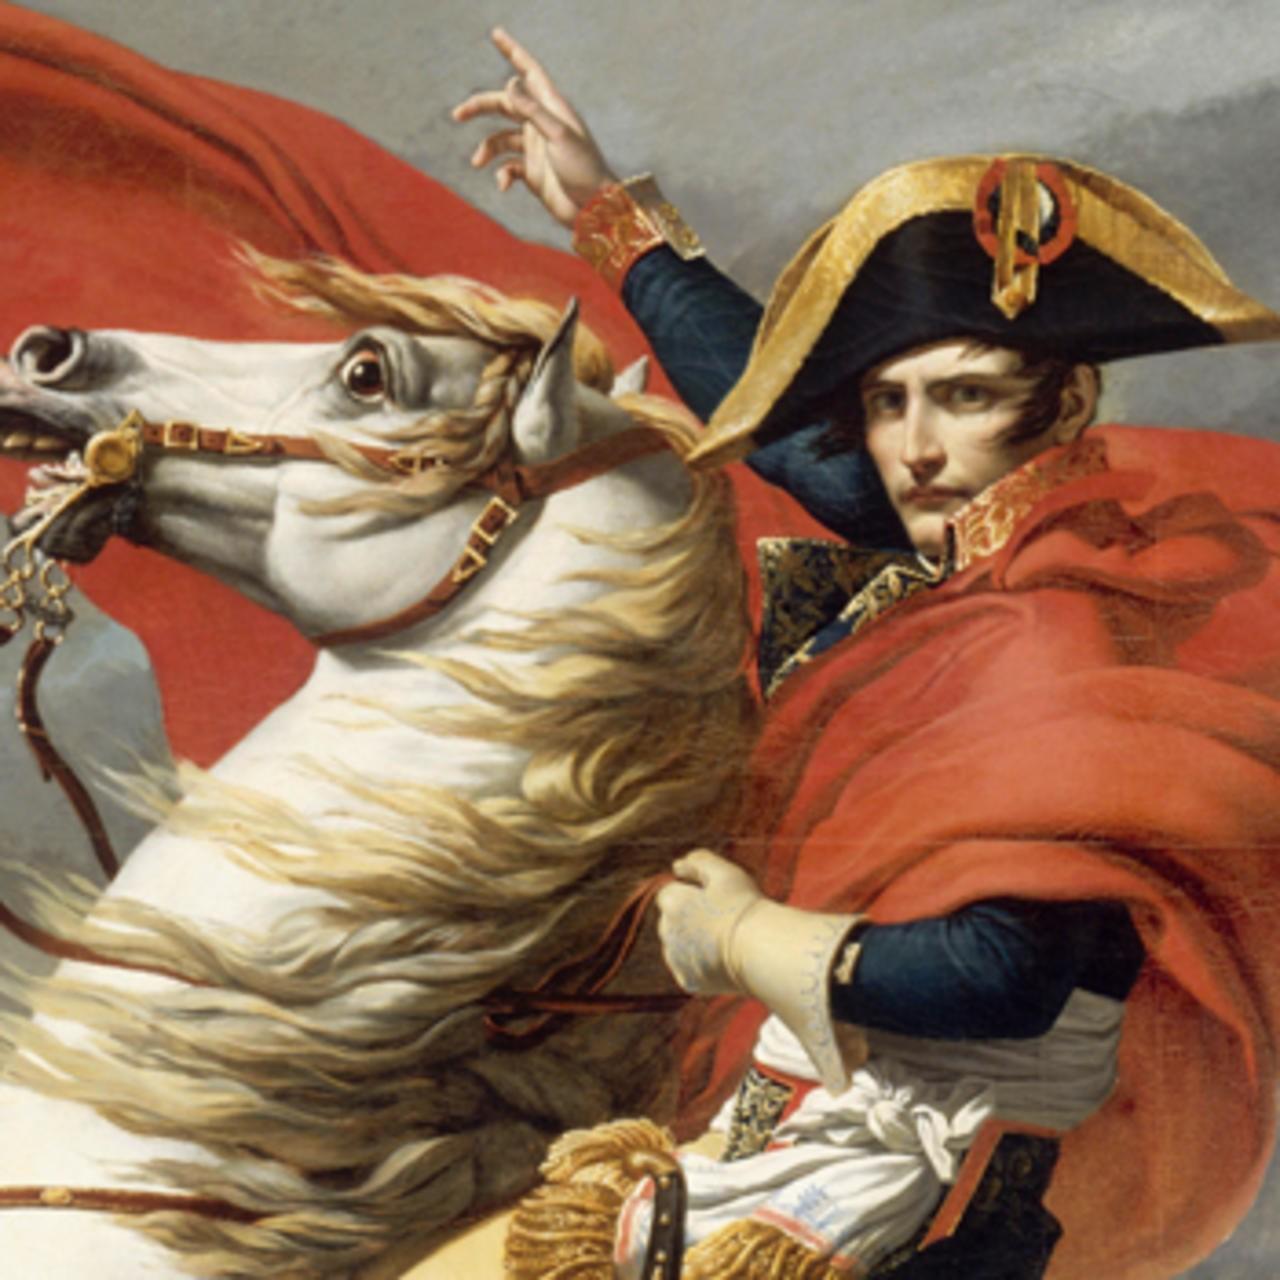 नेपोलियन बोनापार्टका रक्ताम्मे कपडा लिलामी हुने